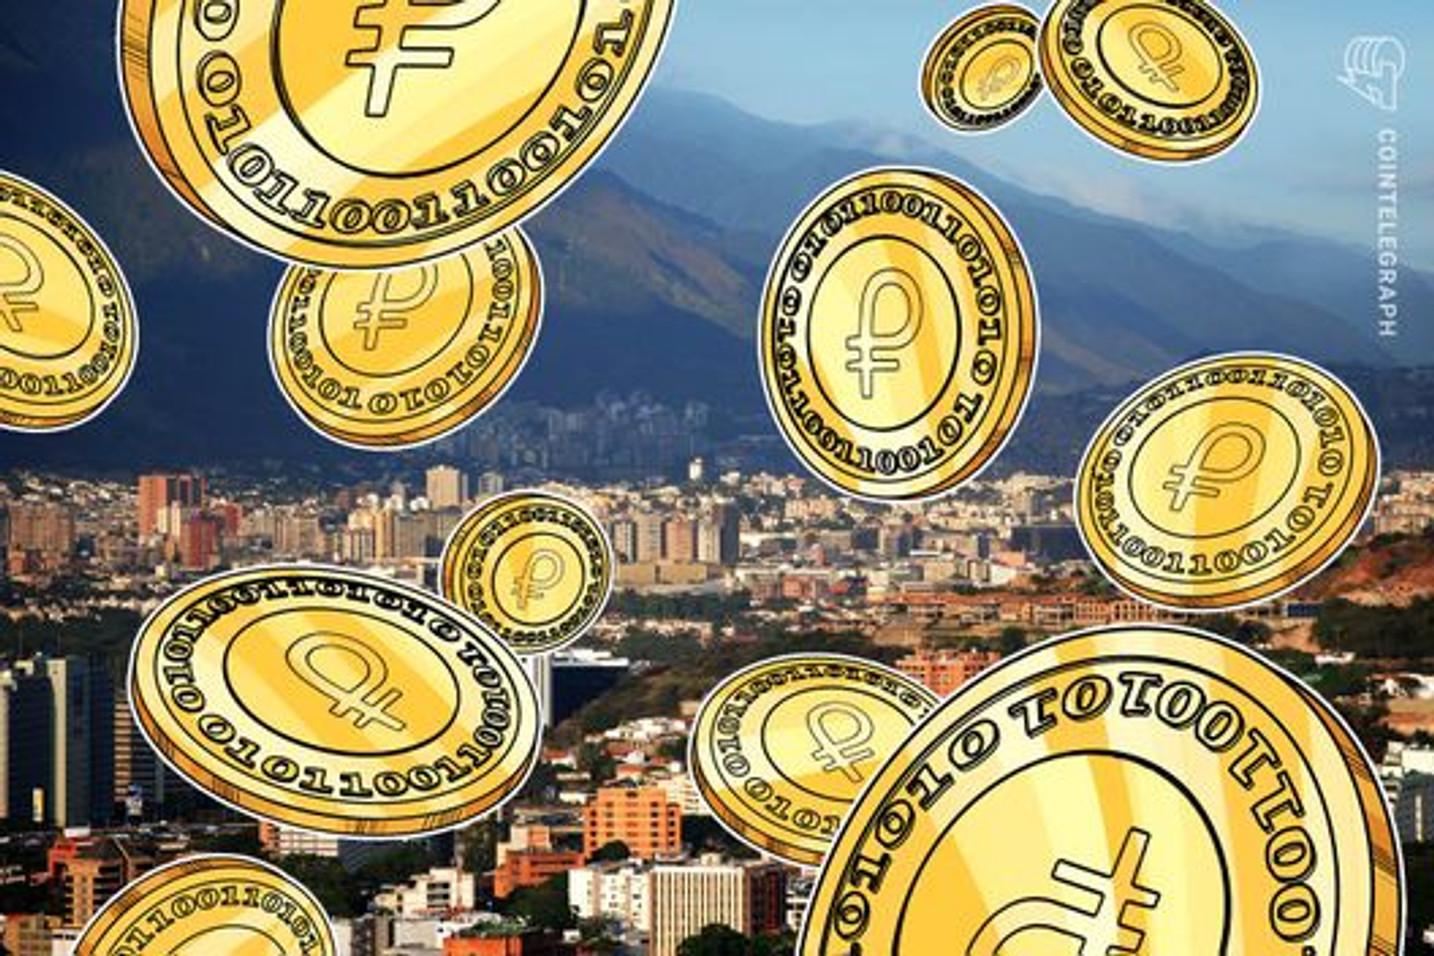 Venezuela: Exchange AmberesCoin presenta par Petro/Bolívares